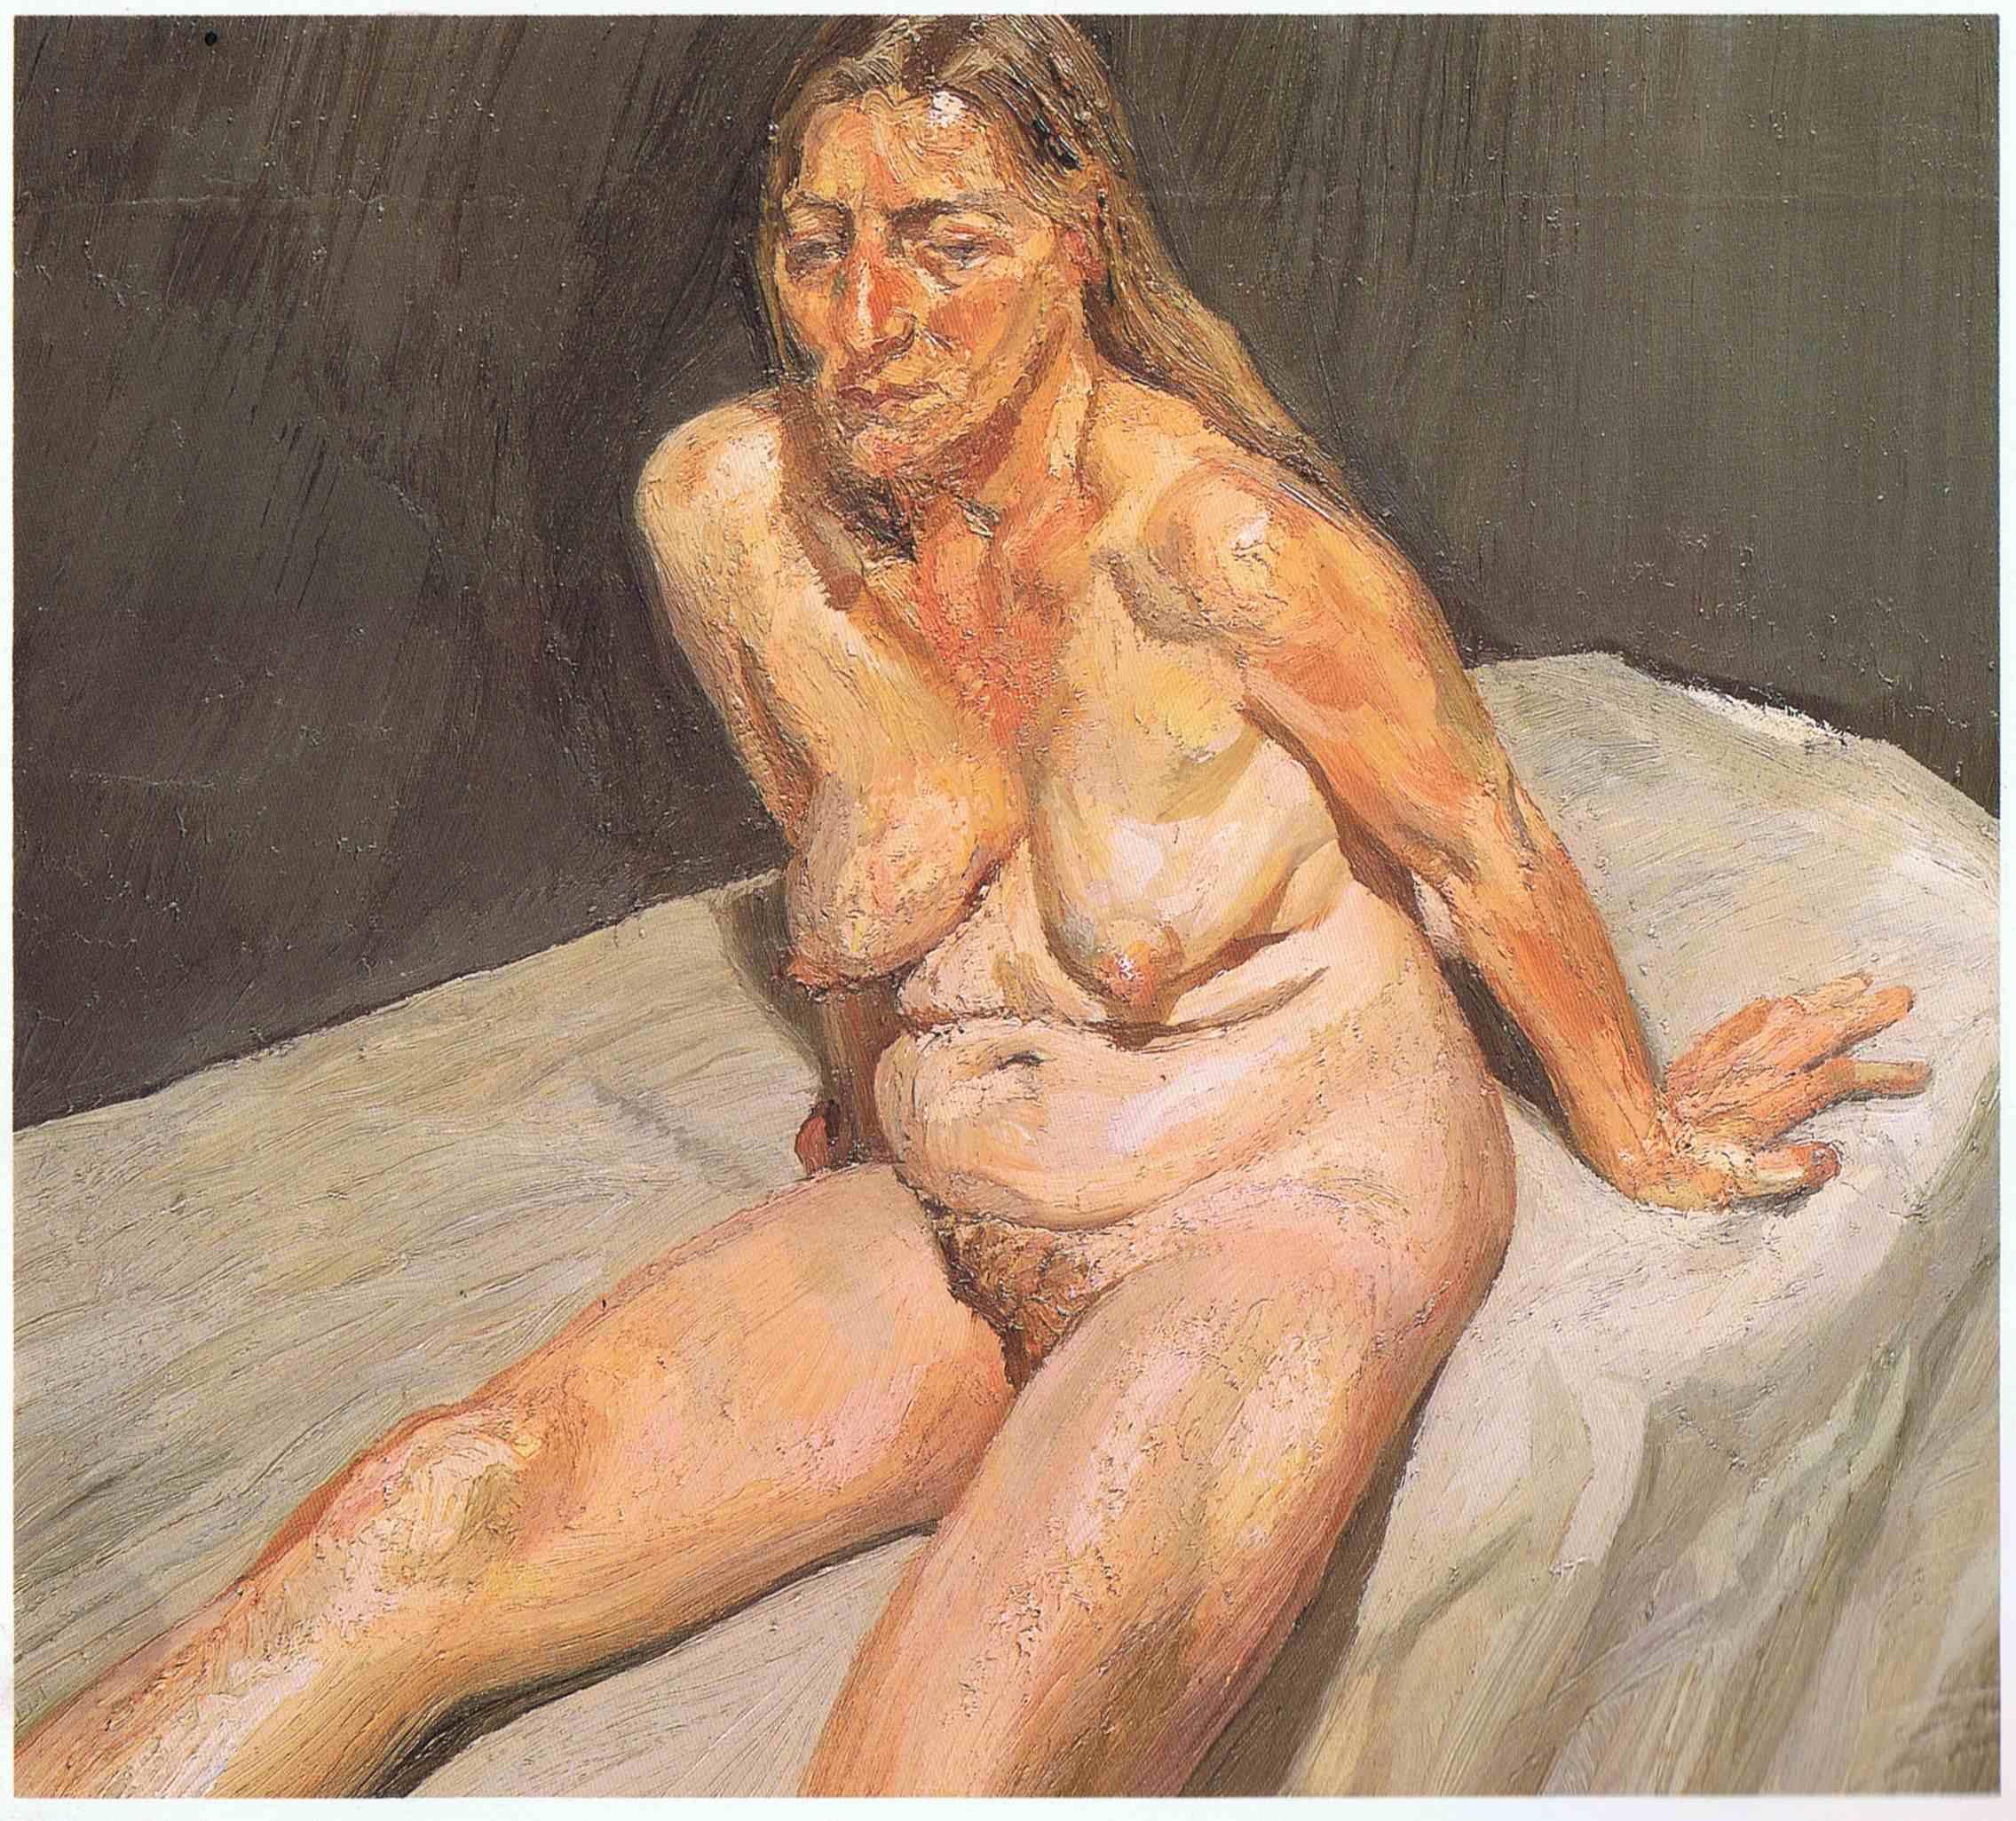 卢西安·弗洛伊德(Lucian Freud,1922-) - 濡艺 - 何  林  峰    Blog